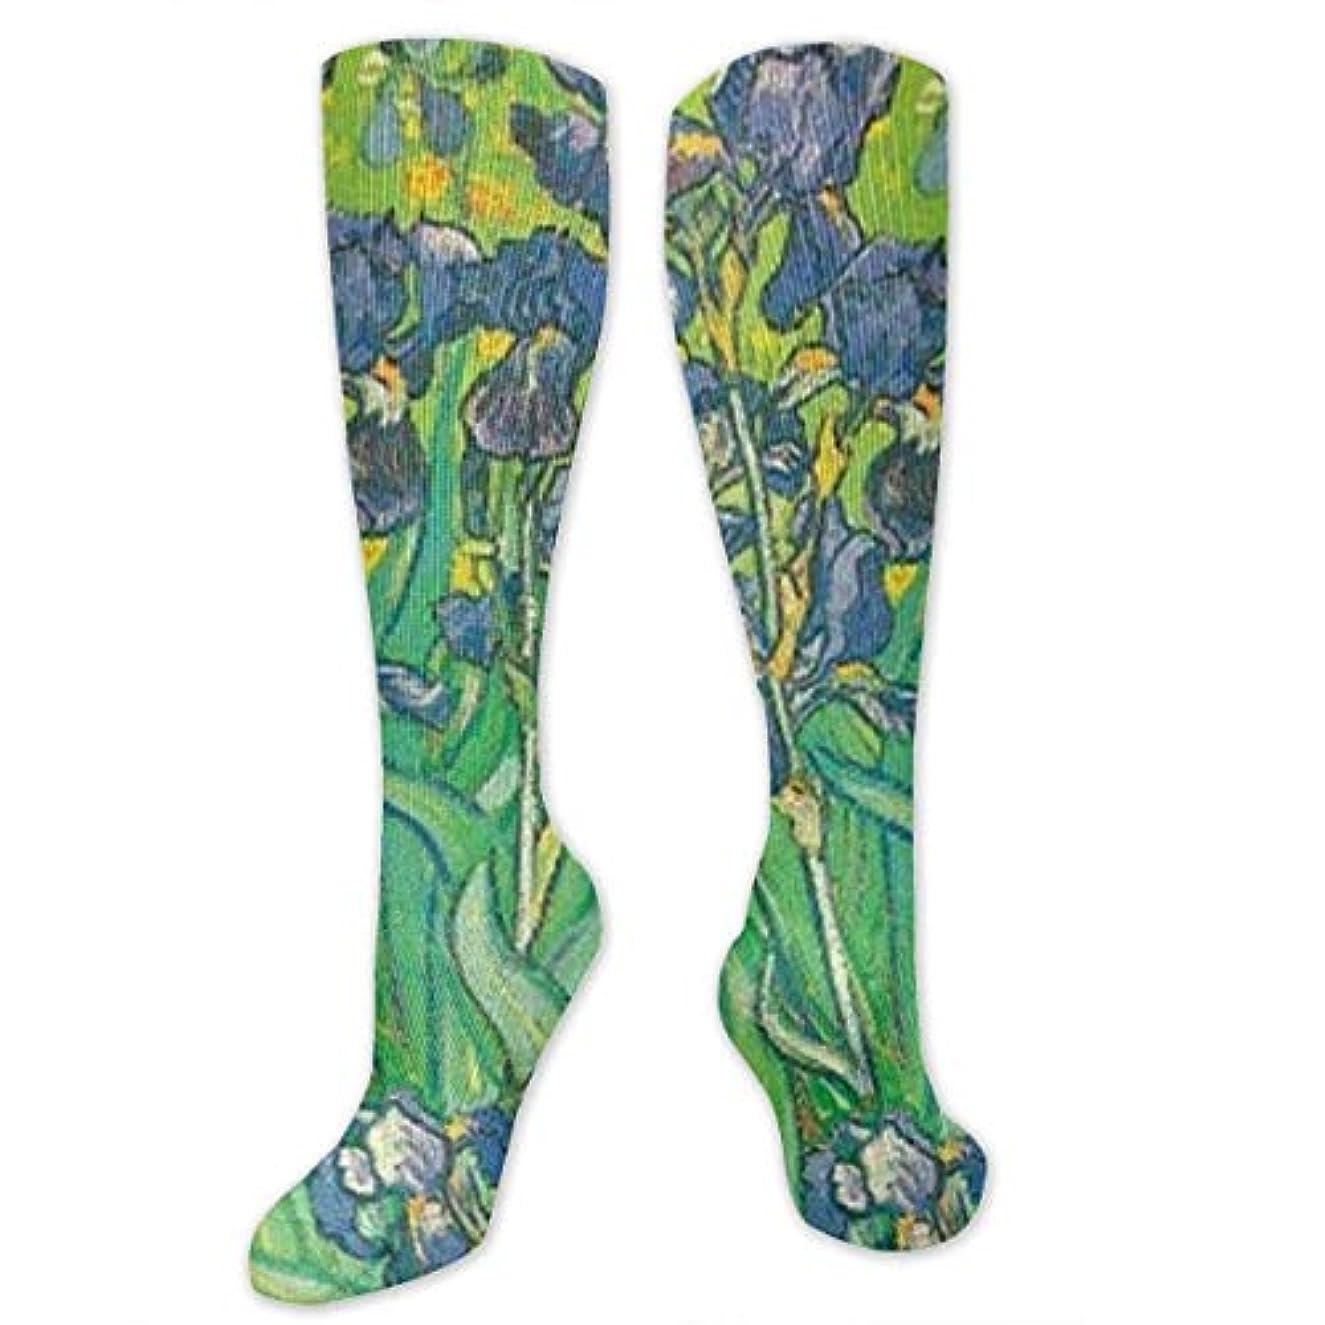 残る元に戻すナプキン靴下,ストッキング,野生のジョーカー,実際,秋の本質,冬必須,サマーウェア&RBXAA Decorative Socks Women's Winter Cotton Long Tube Socks Knee High Graduated...